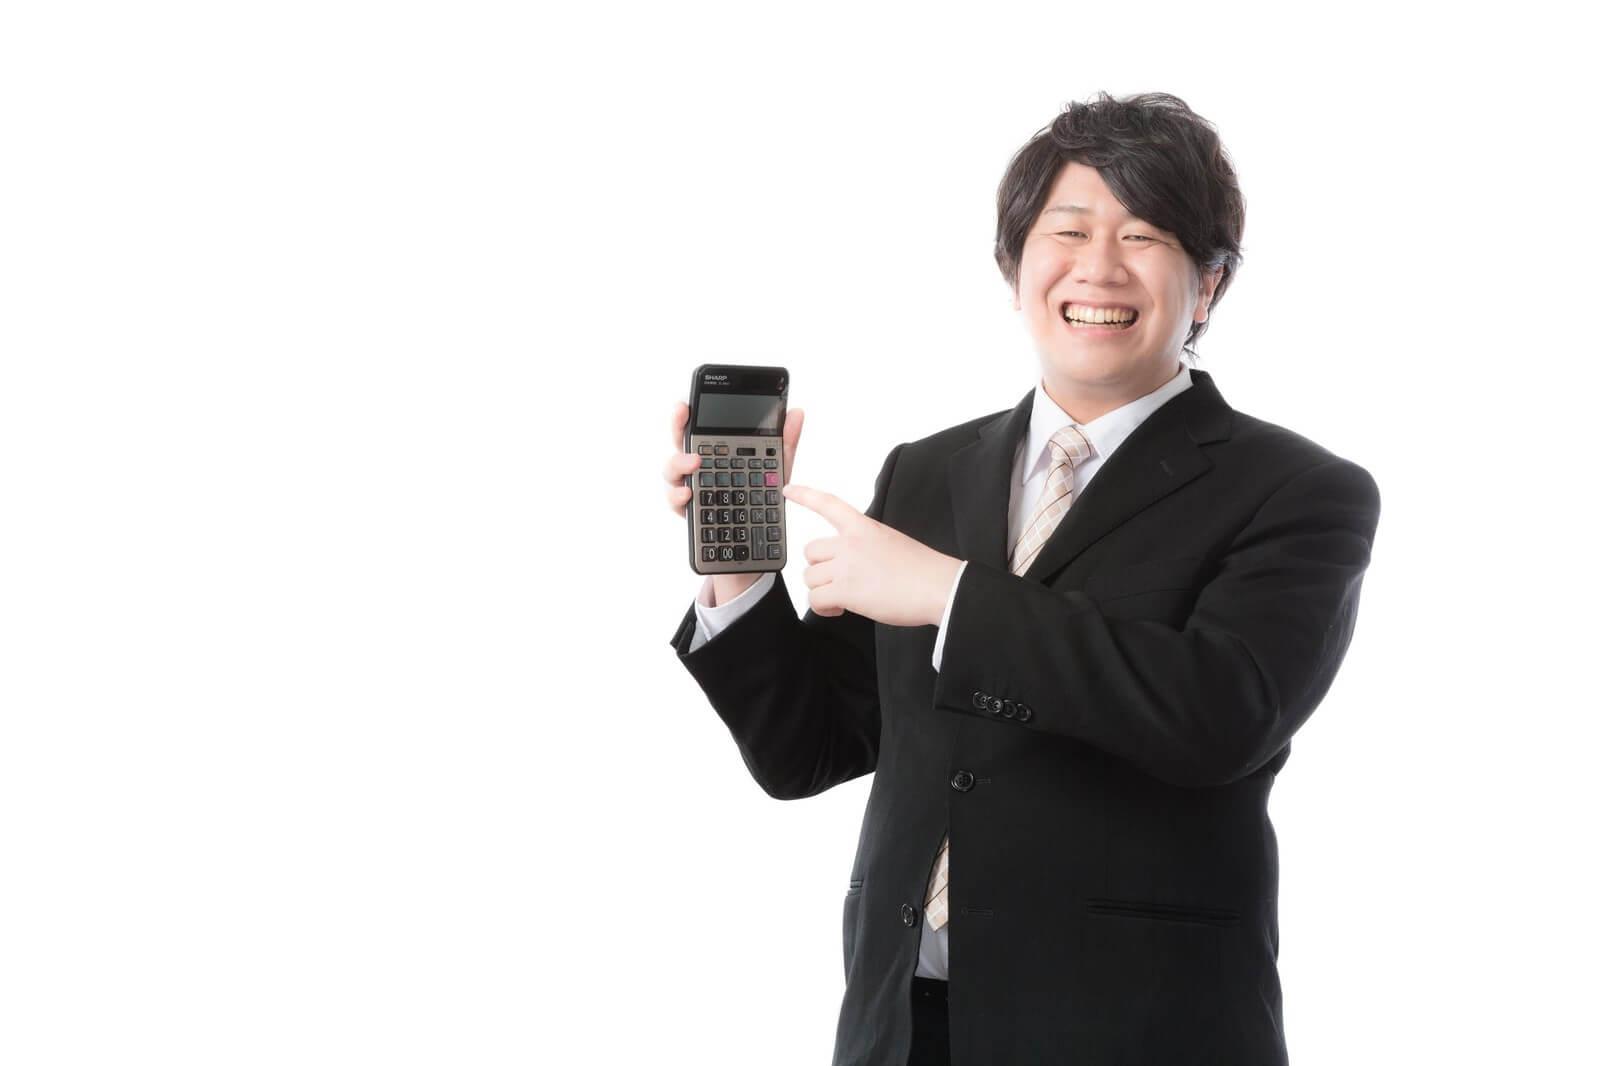 エックスモバイル かけたい放題フルの月額料金を電卓で計算する男性